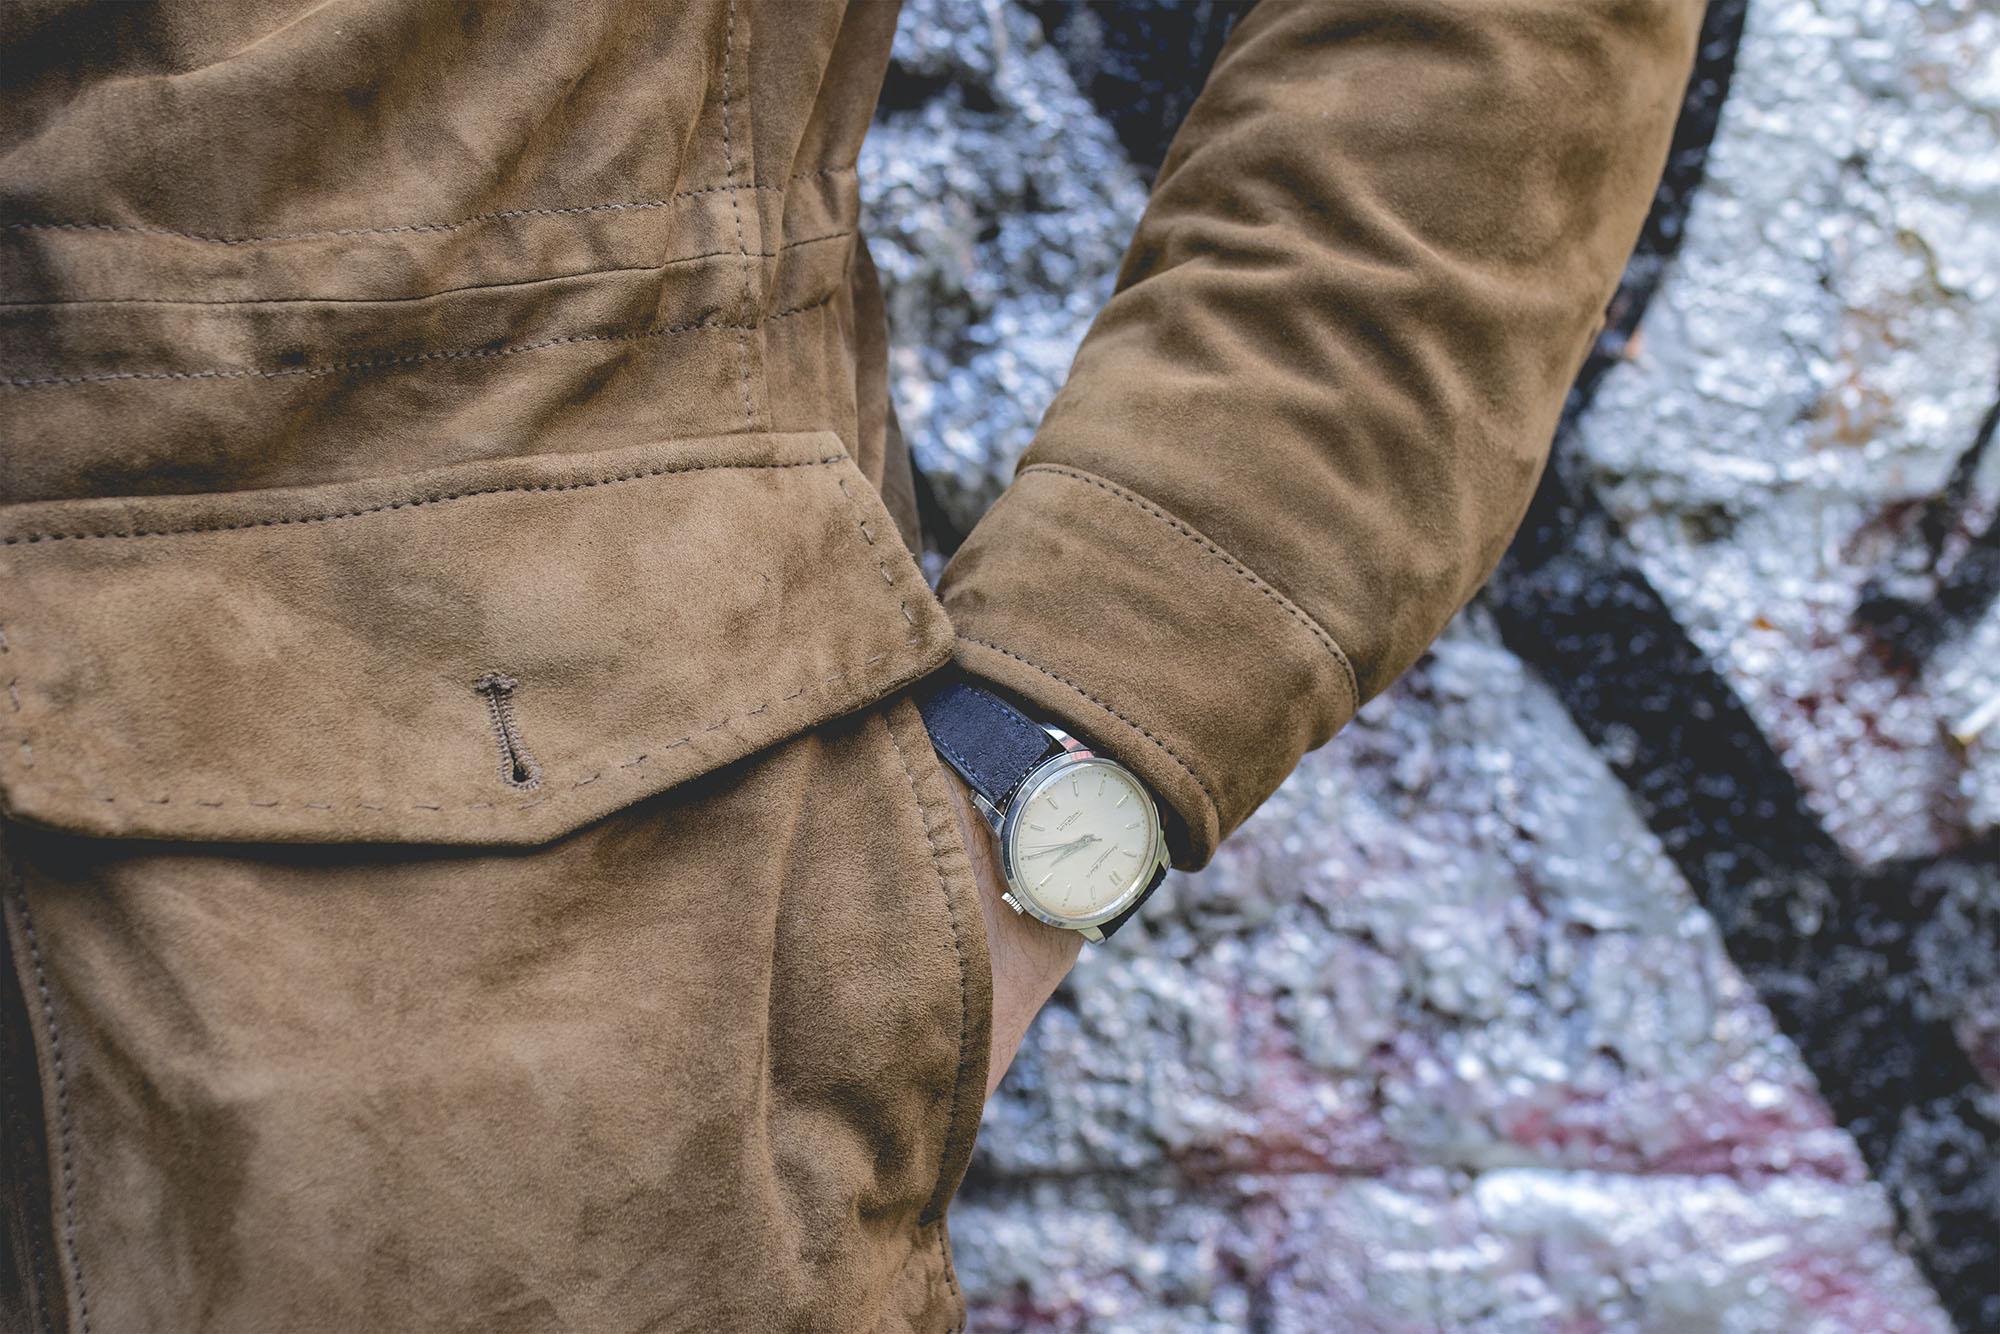 Bracelet de montre Joseph Bonnie - Presley Blue